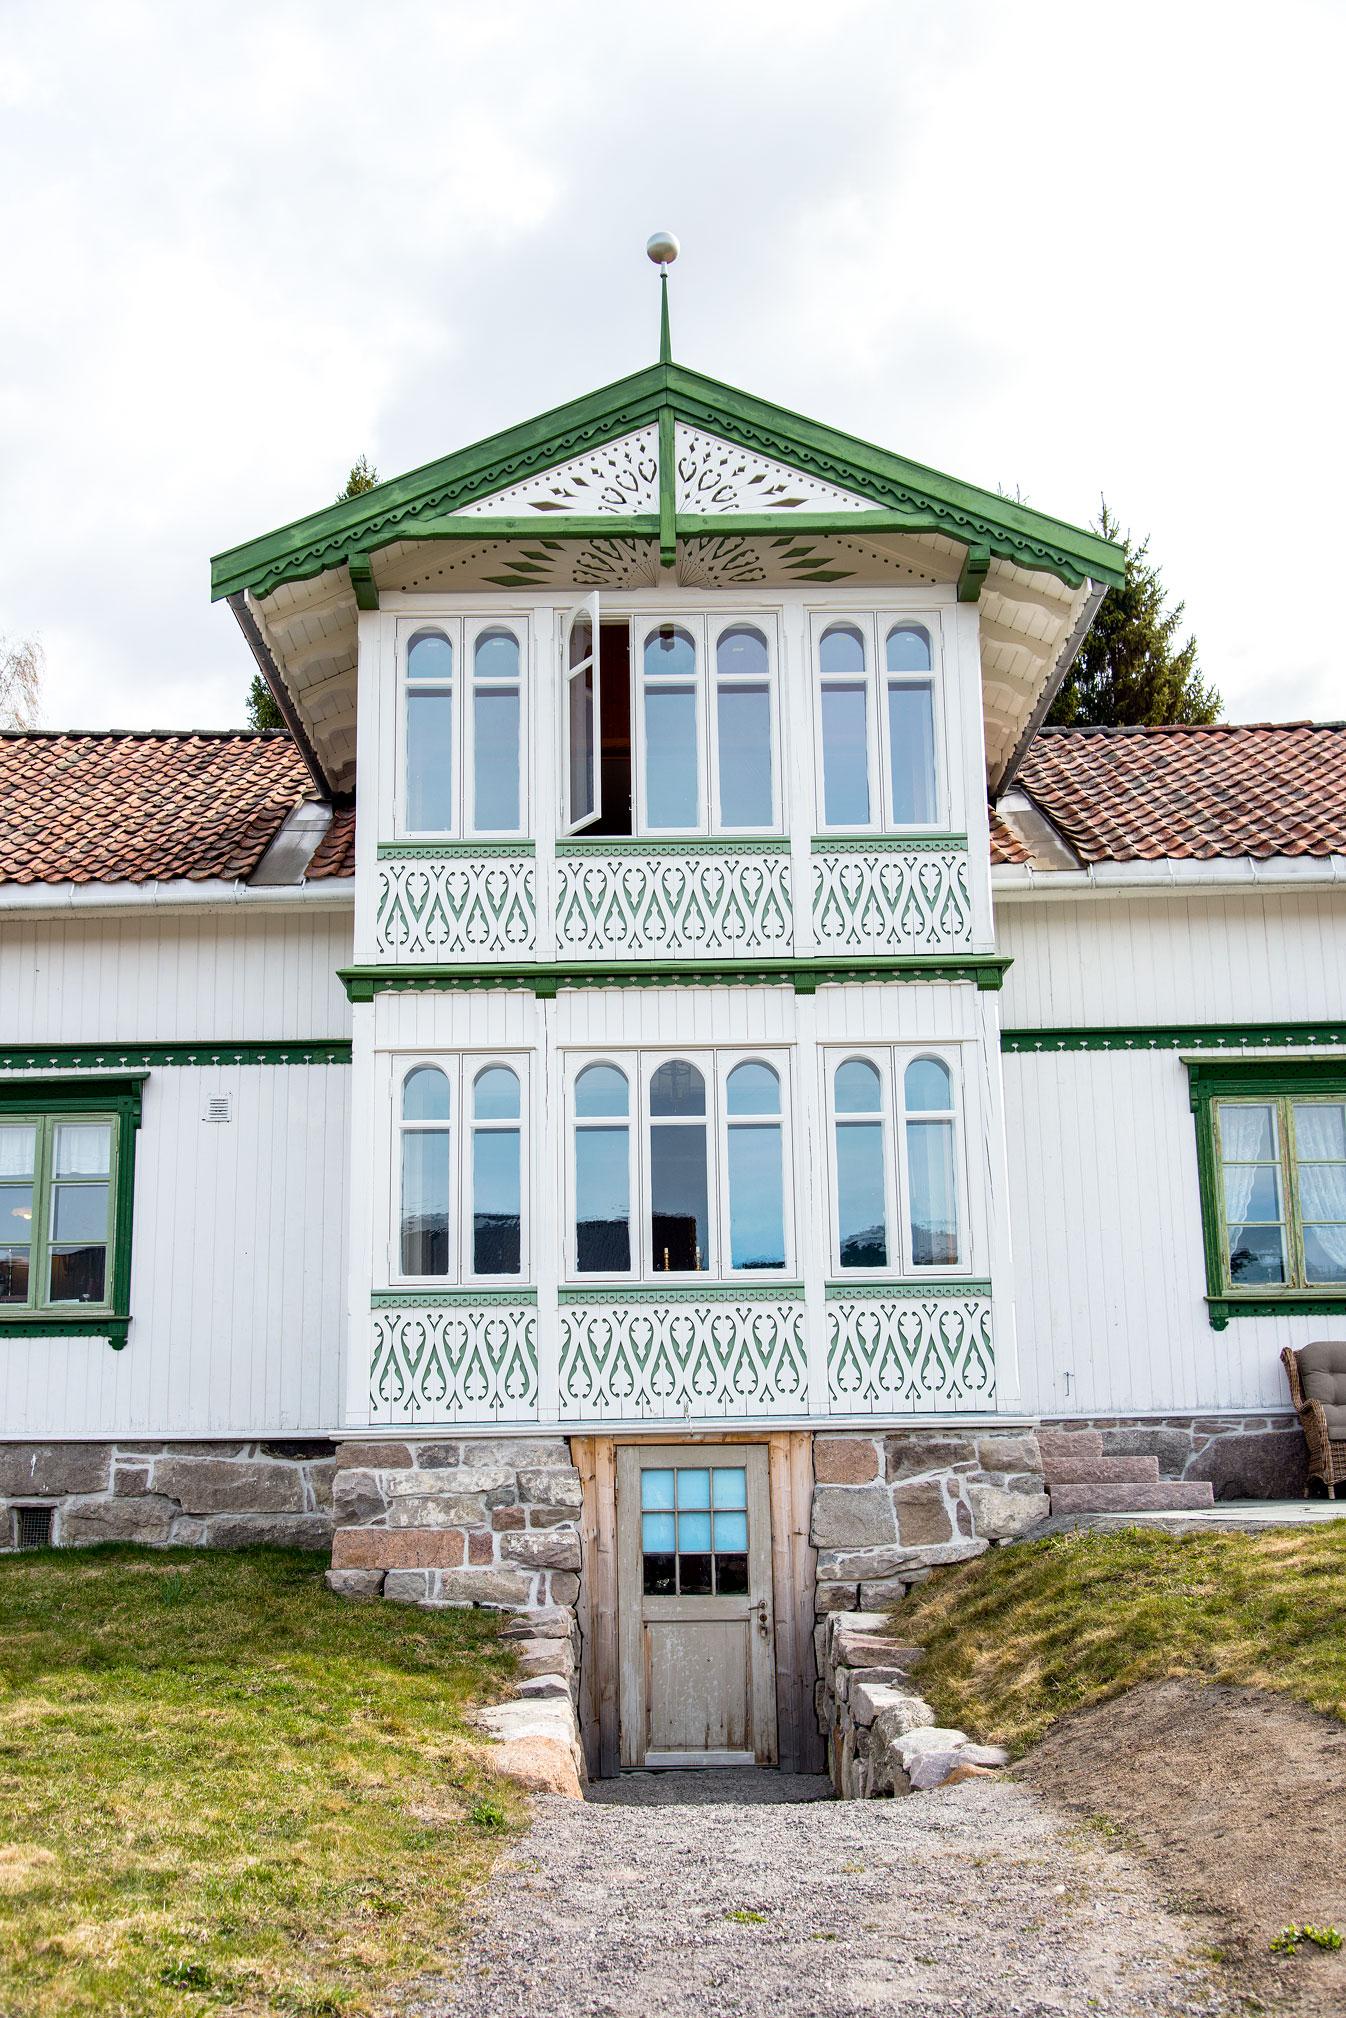 En vakker glassveranda i Karl Andersens ånd - en kopi av «tvillingen» på nordøst-siden. Utført med samme gode, håndverksmessige kvalitet som for 100 år siden. Alt på denne siden er nytt bortsett fra glasskula i spiret, som er gjenbruk fra det andre huset.